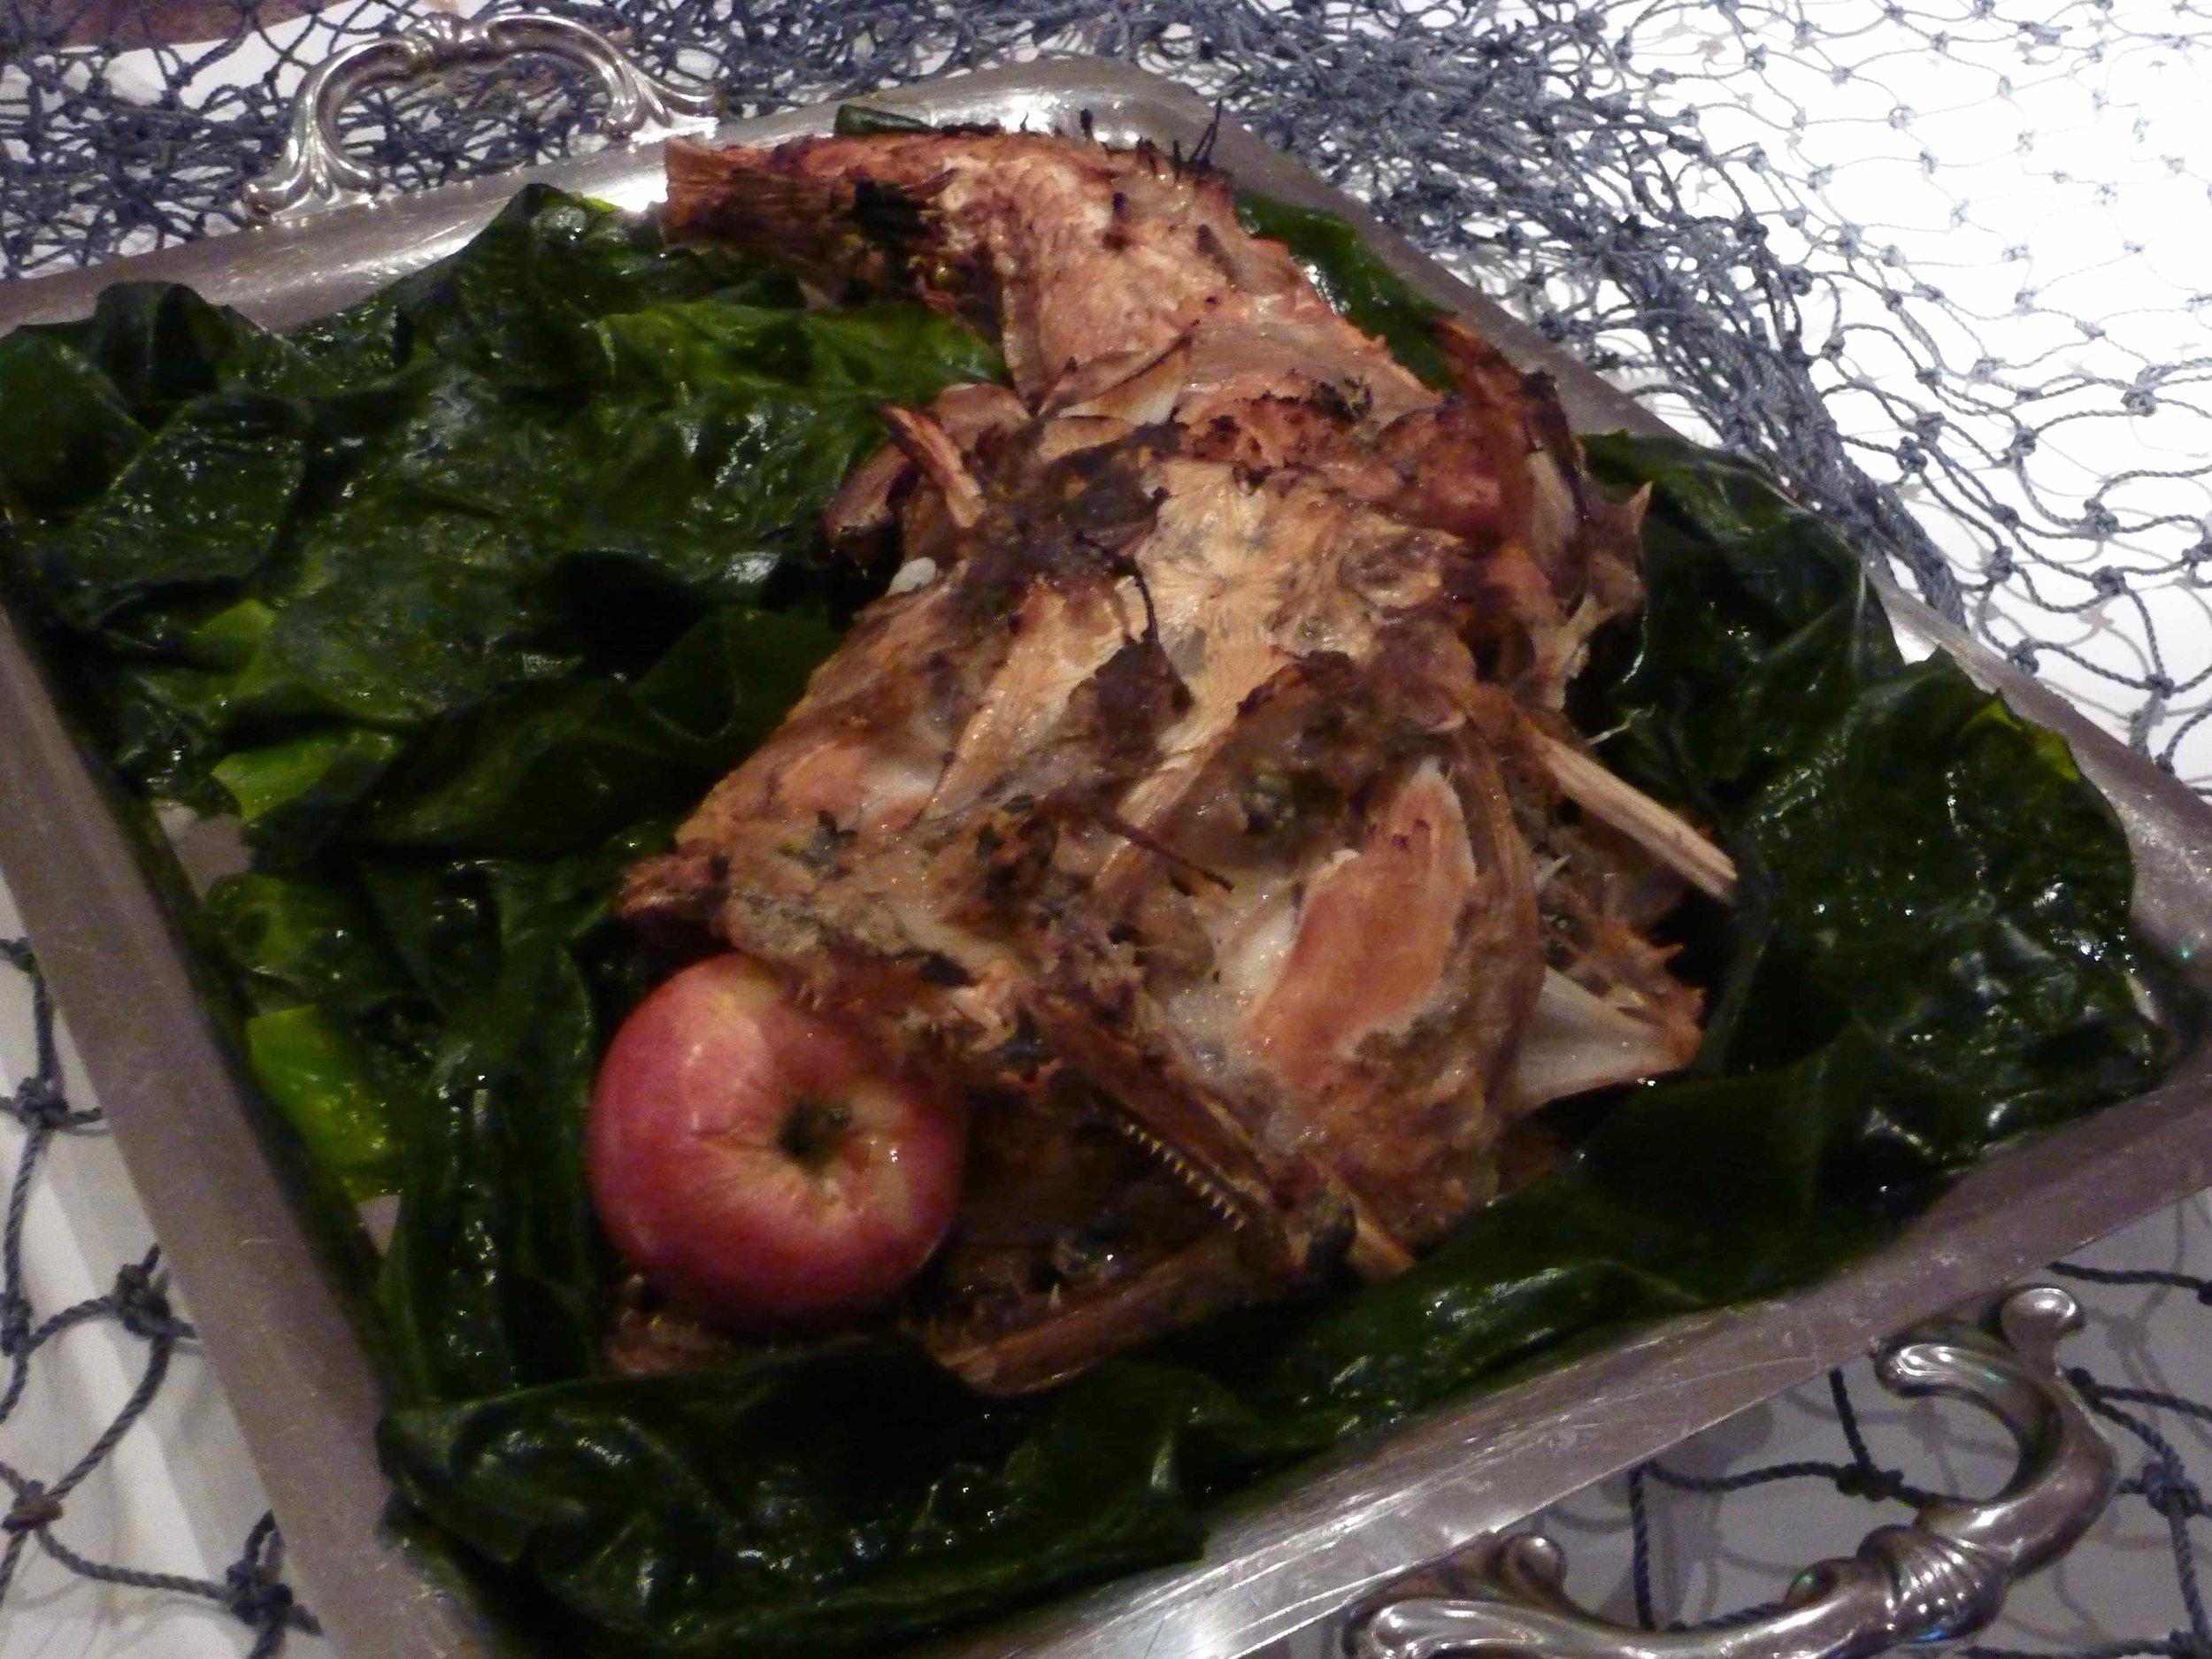 Vasemmalla kuivattua kalaa voin ja merilevän kera, ja oikealla buffetpöydän kala-antimia eräässä toisessa iltatilaisuudessa.